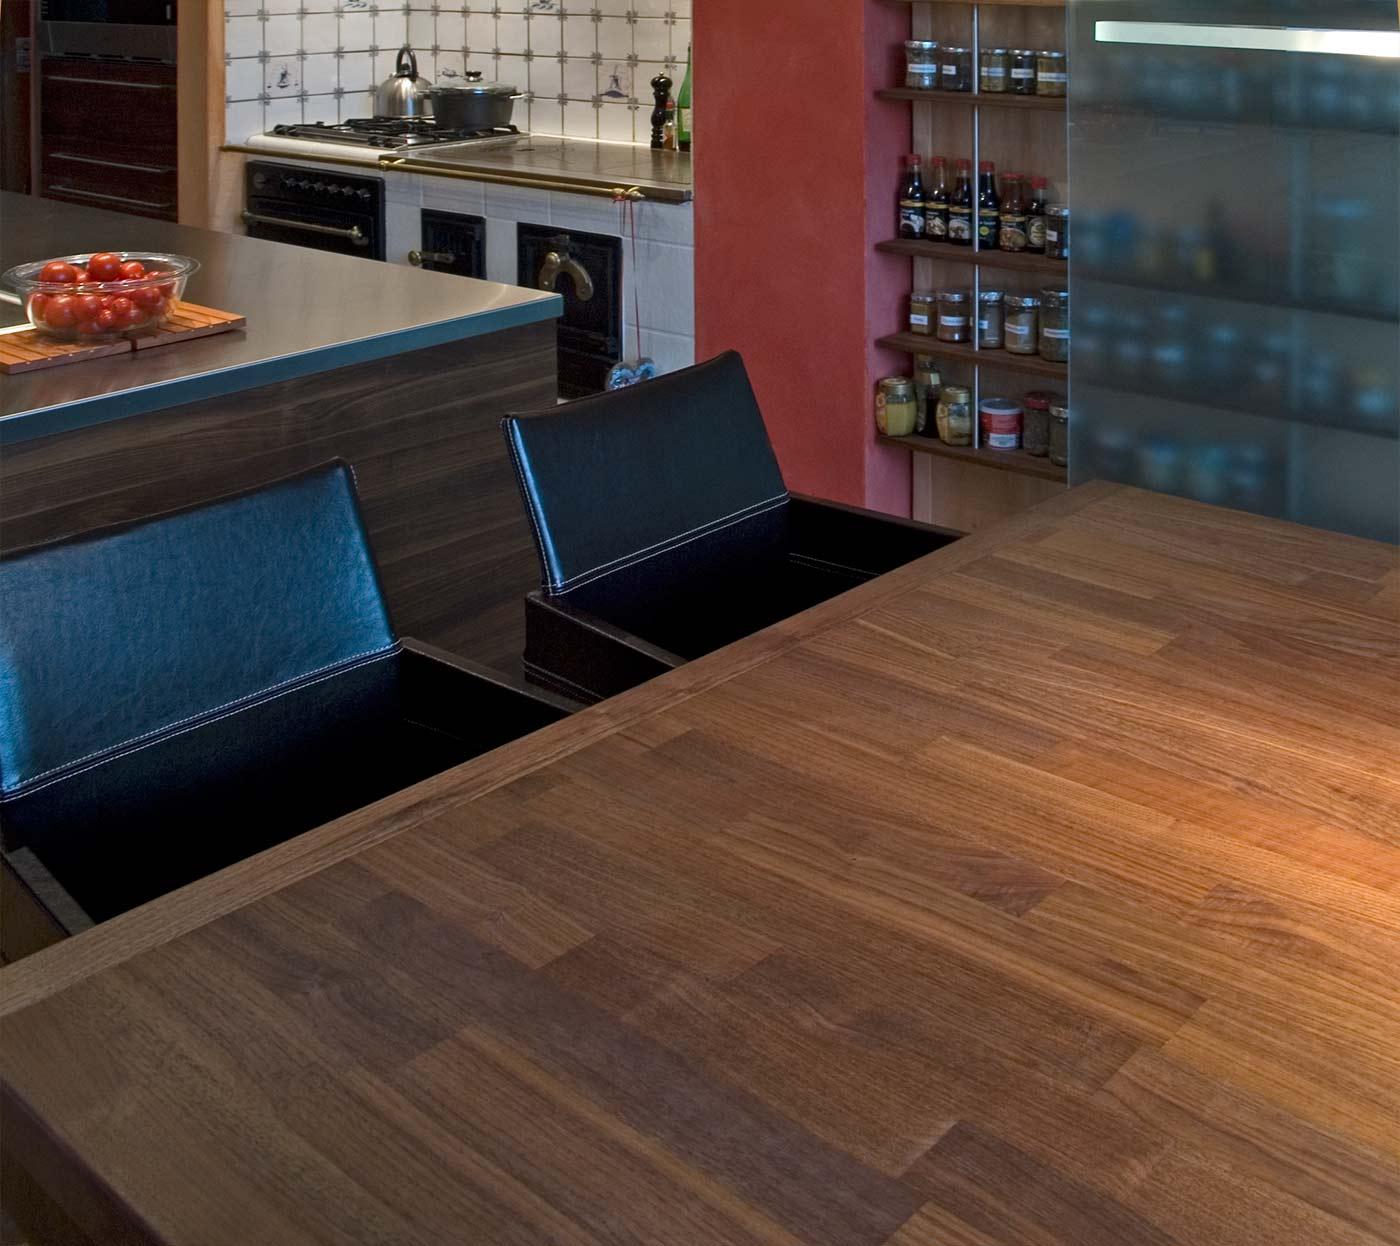 arbeitsplatten l greenline fachgro handel f r kologische wohnraumgestaltung nat rlich ist. Black Bedroom Furniture Sets. Home Design Ideas